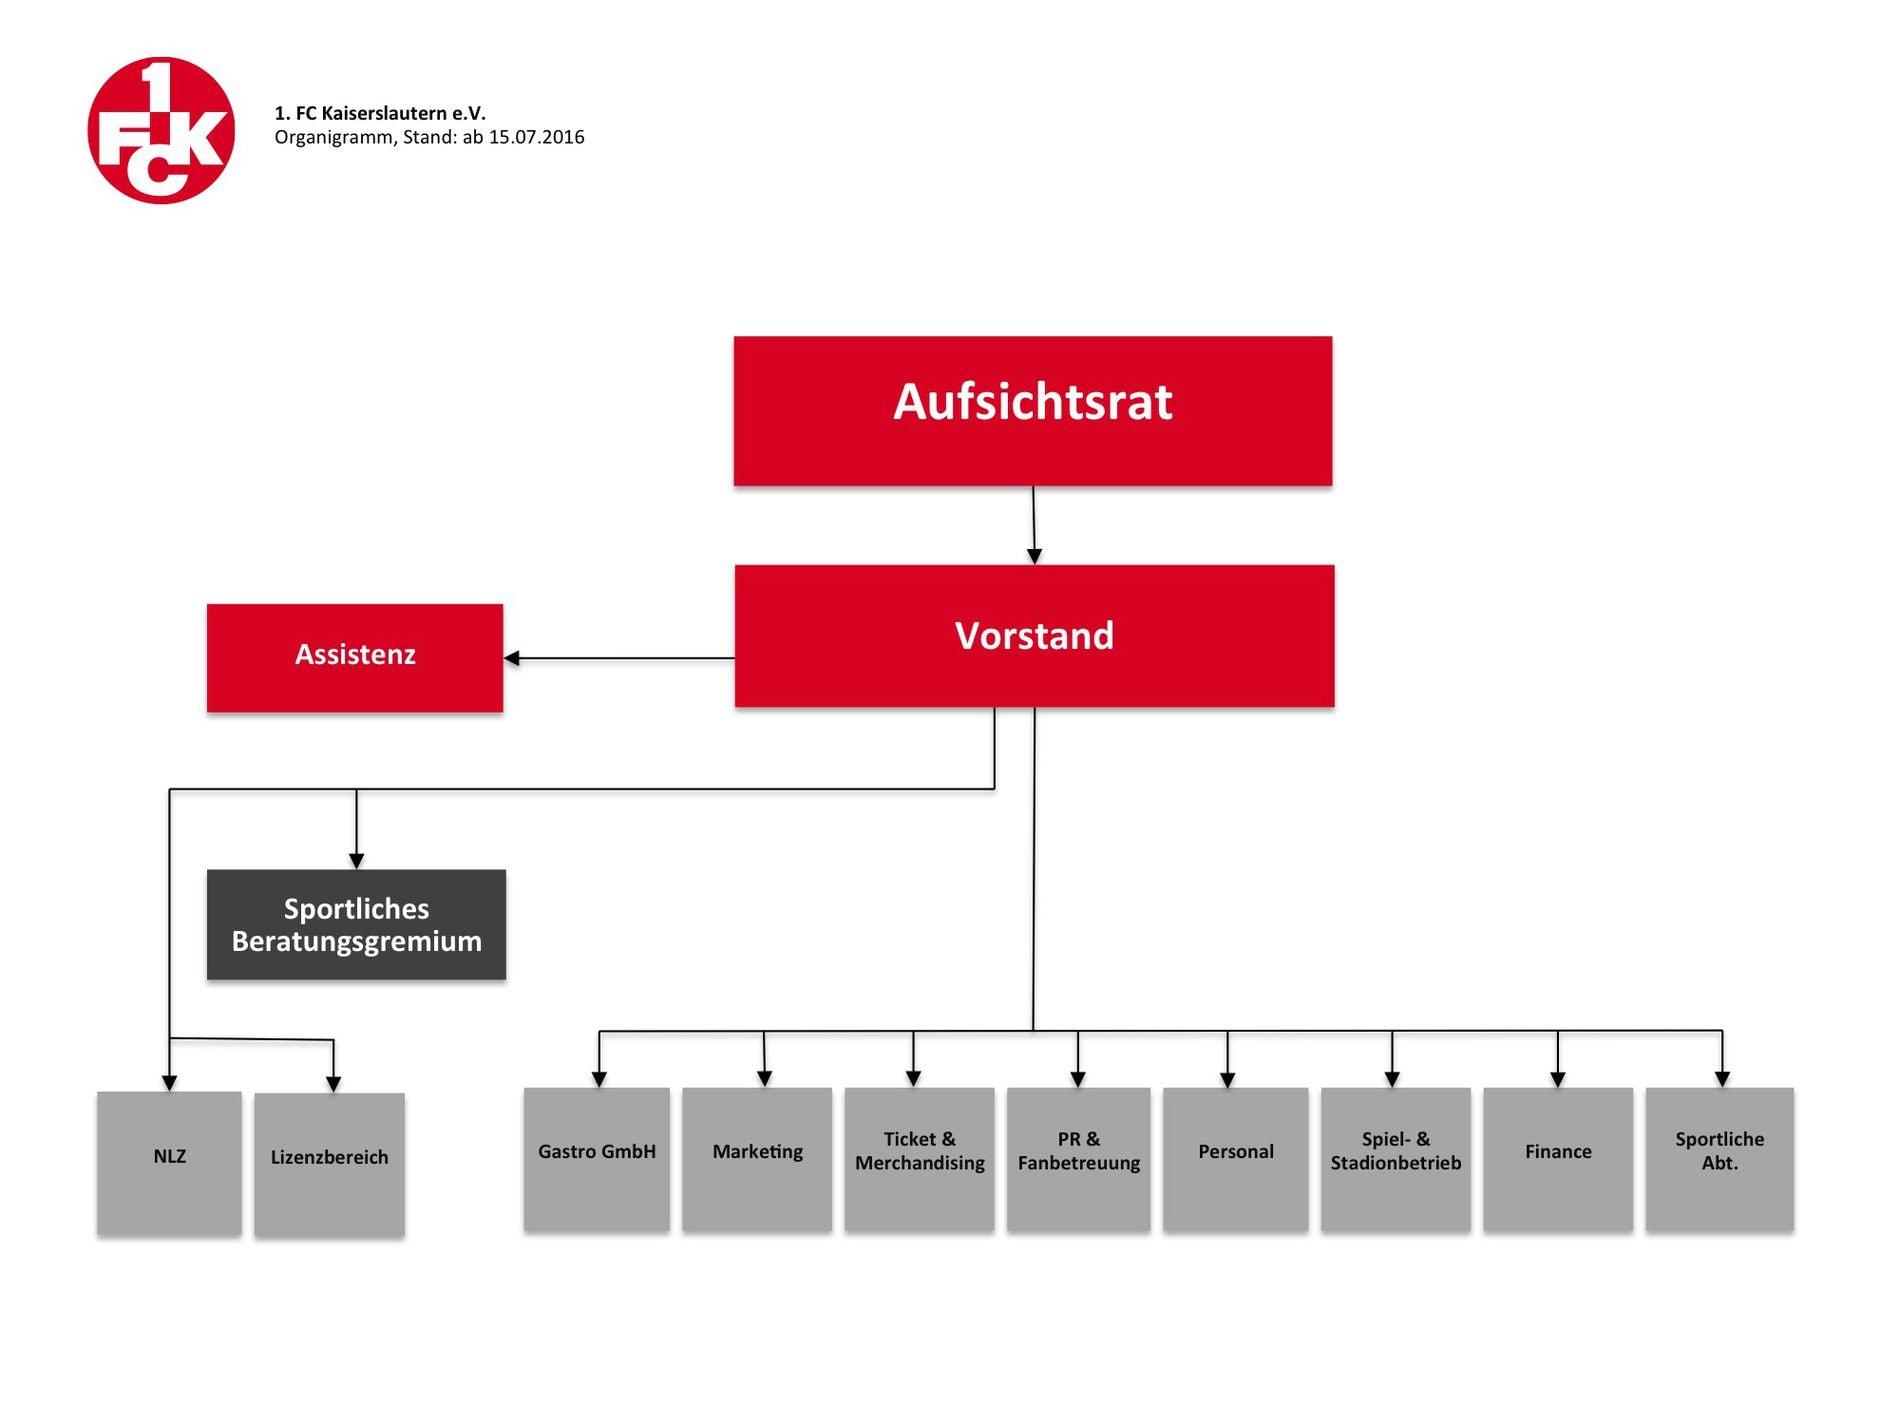 Organigramm Aufsichtsrat und Vorstand